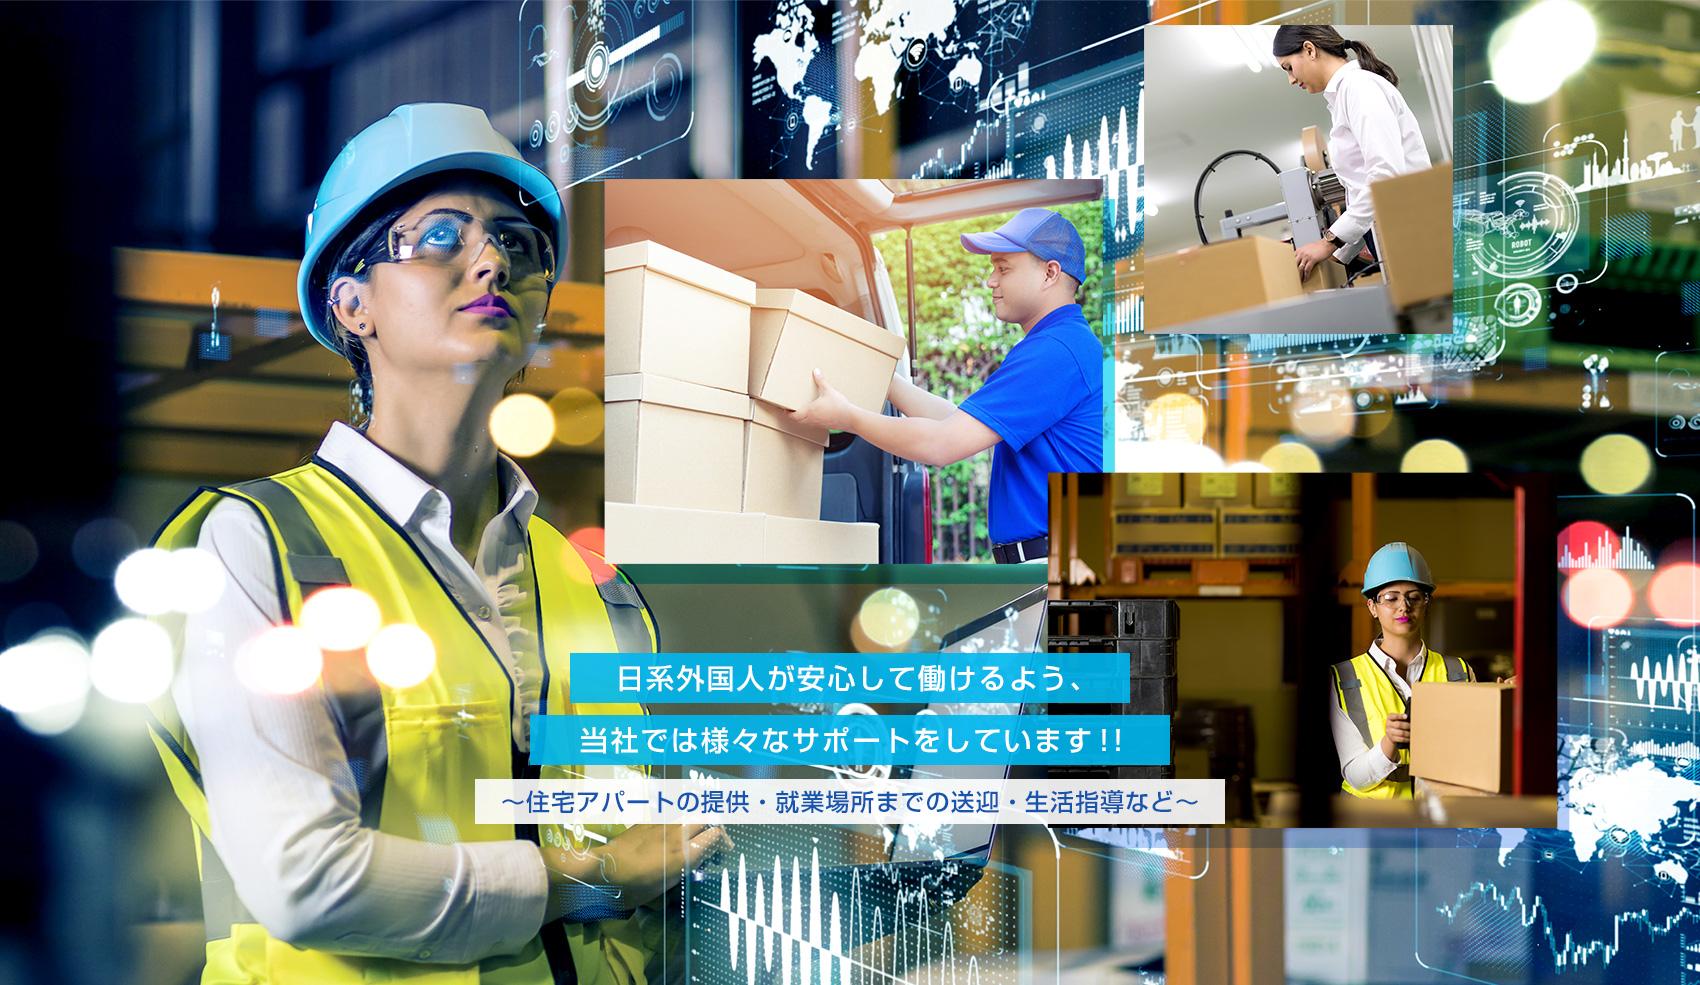 日系外国人が安心して働けるよう当社では様々なサポートをしています!! ~住宅アパートの提供・就業場所までの送迎・生活指導など~